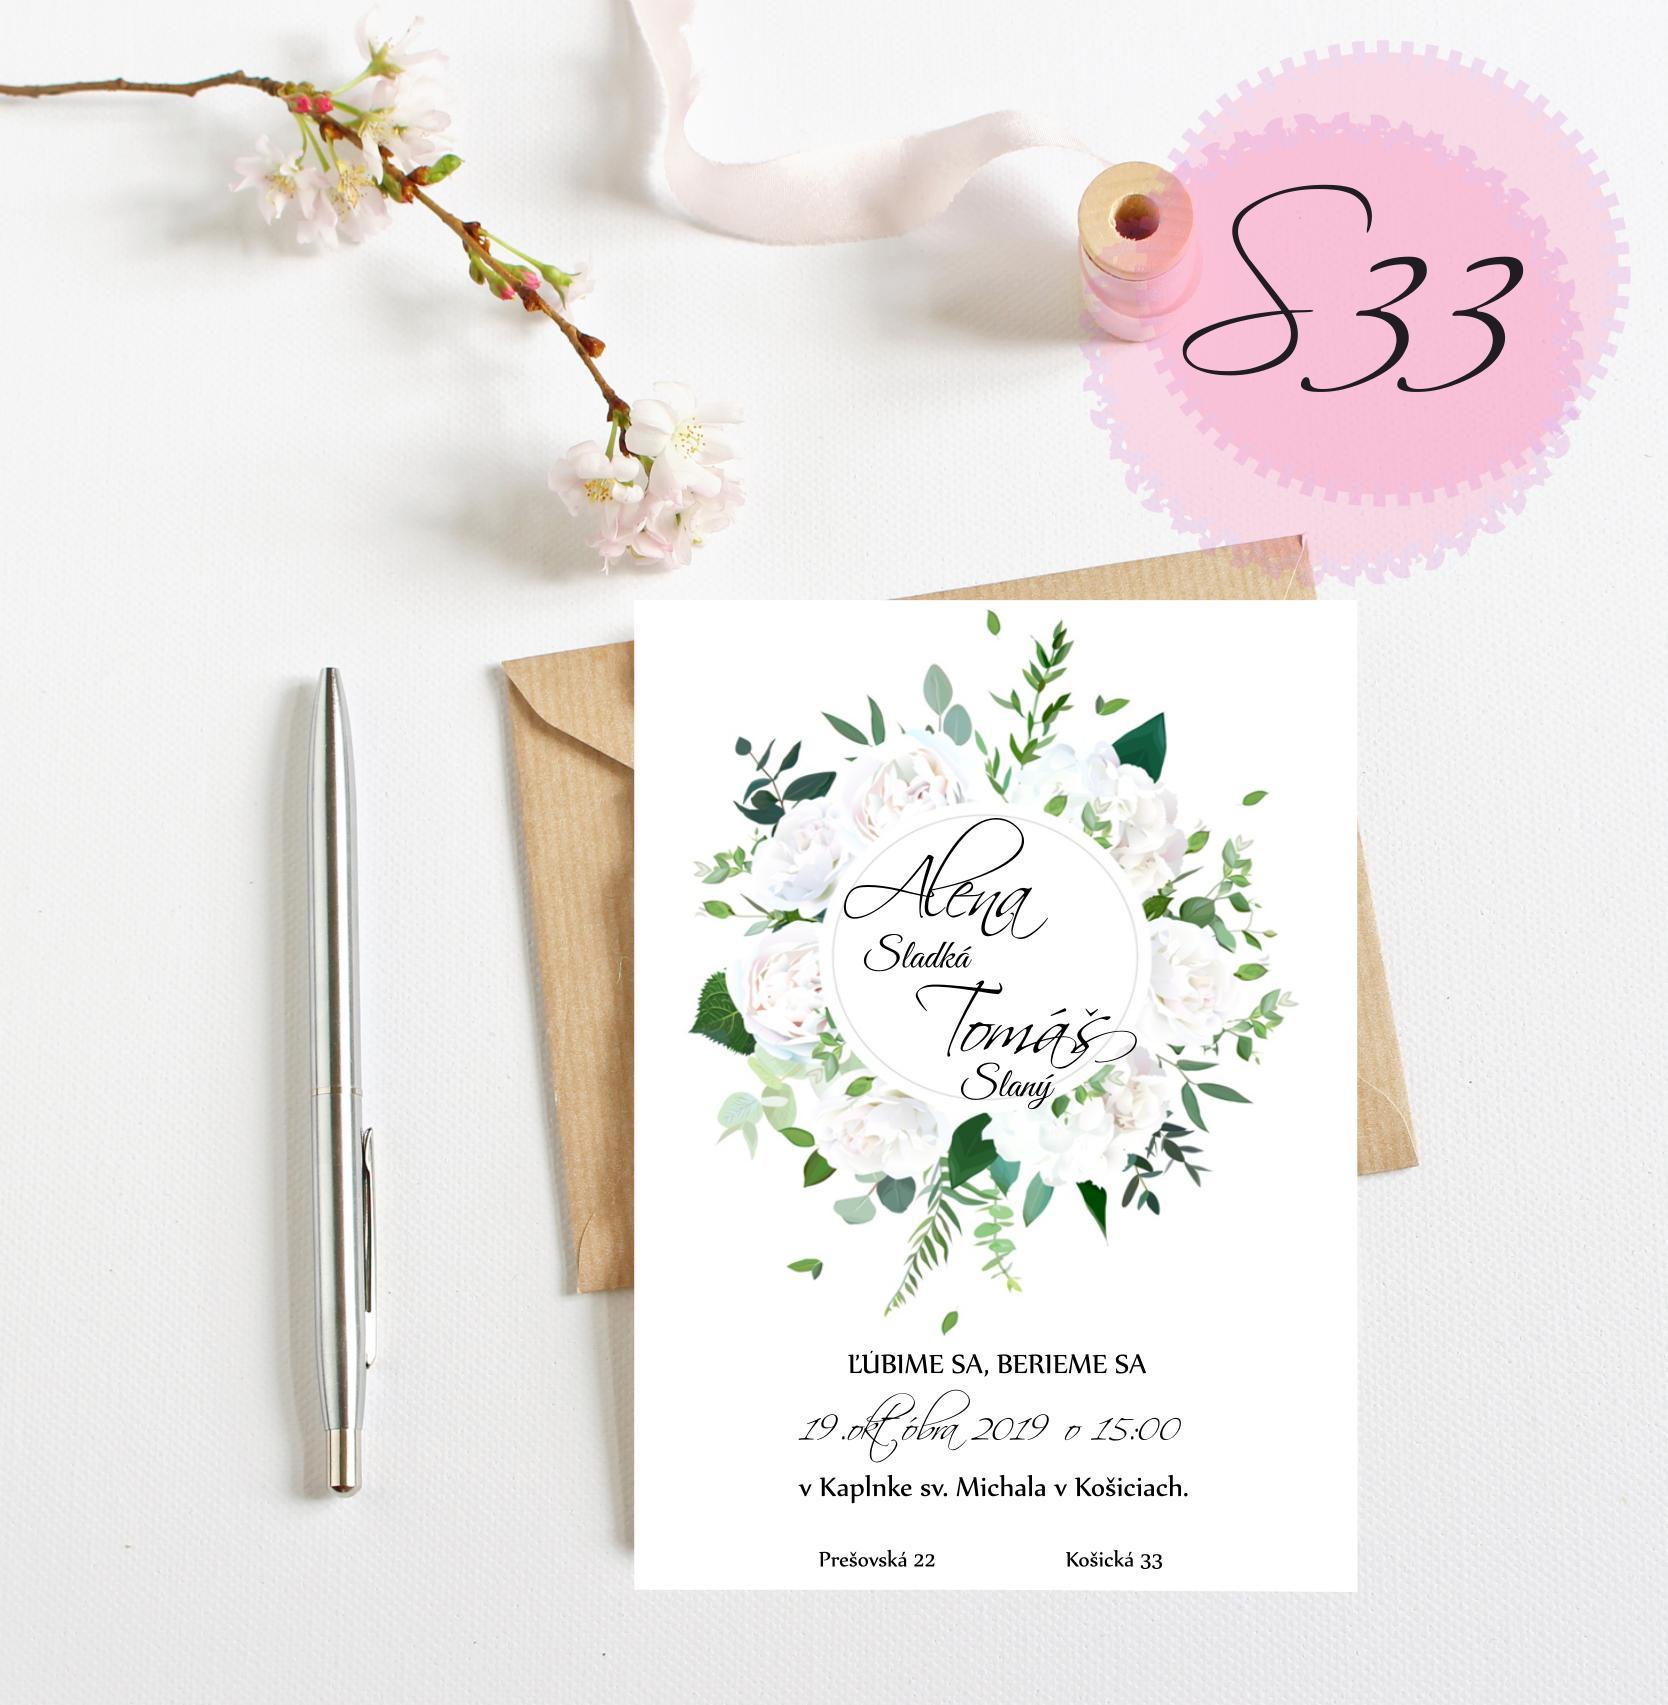 zelené svadobné oznámenia - Obrázok č. 5